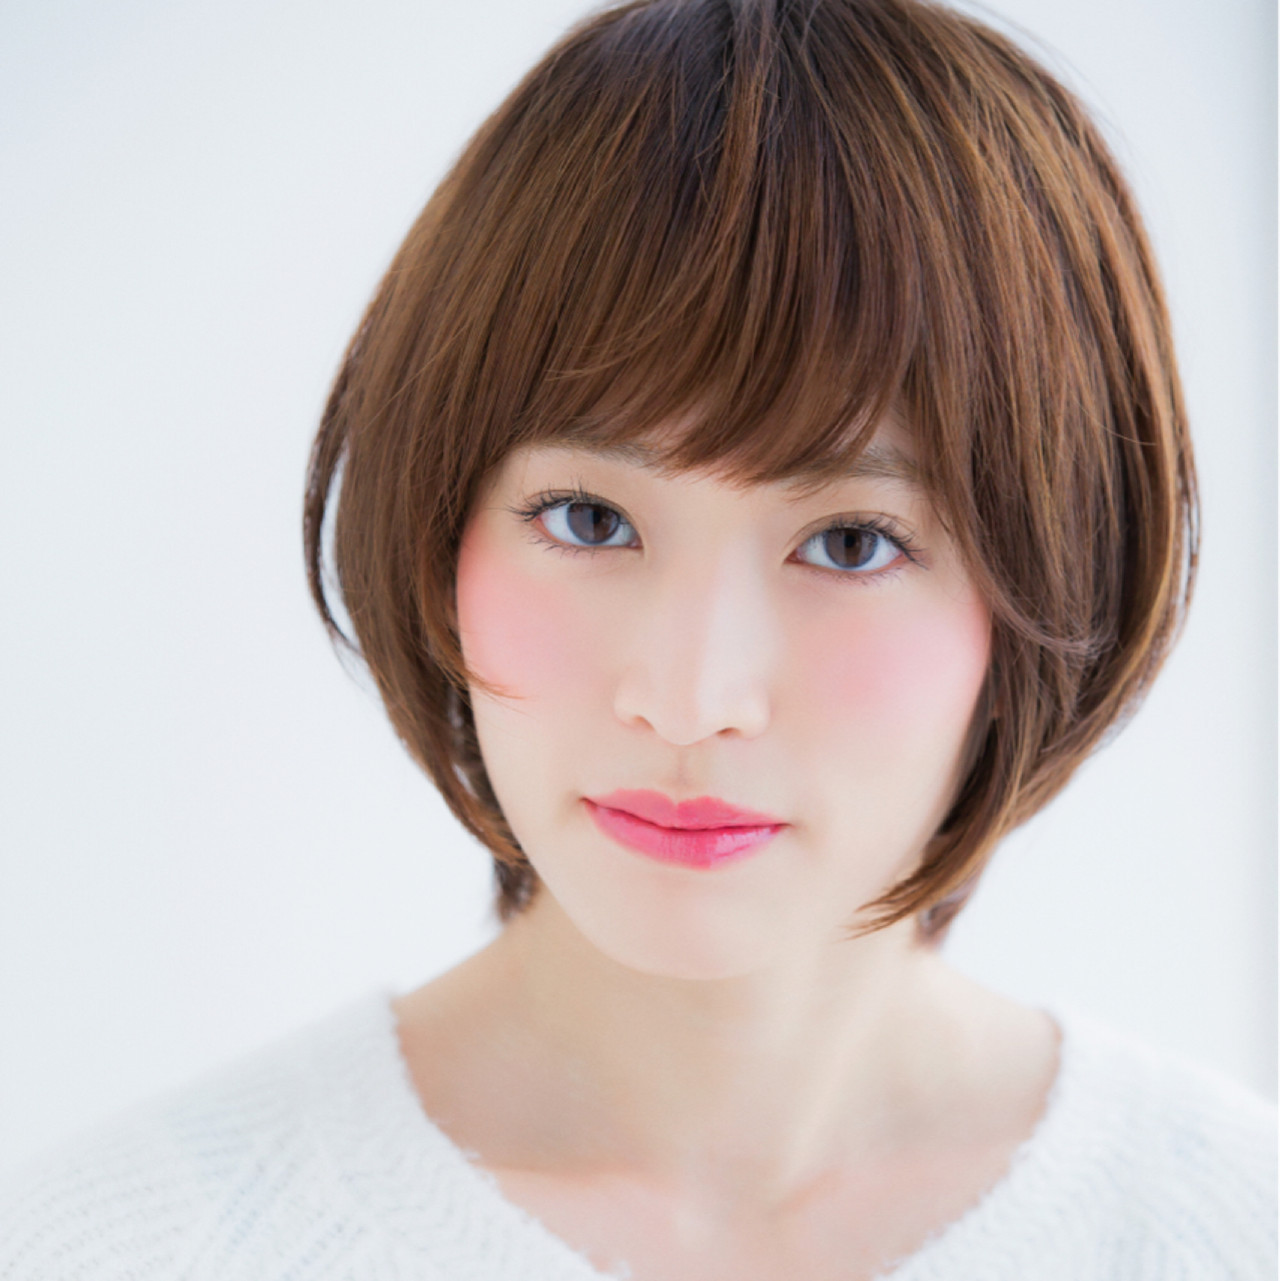 長めの前髪バング×くびれショートで小顔効果を狙って 東 純平